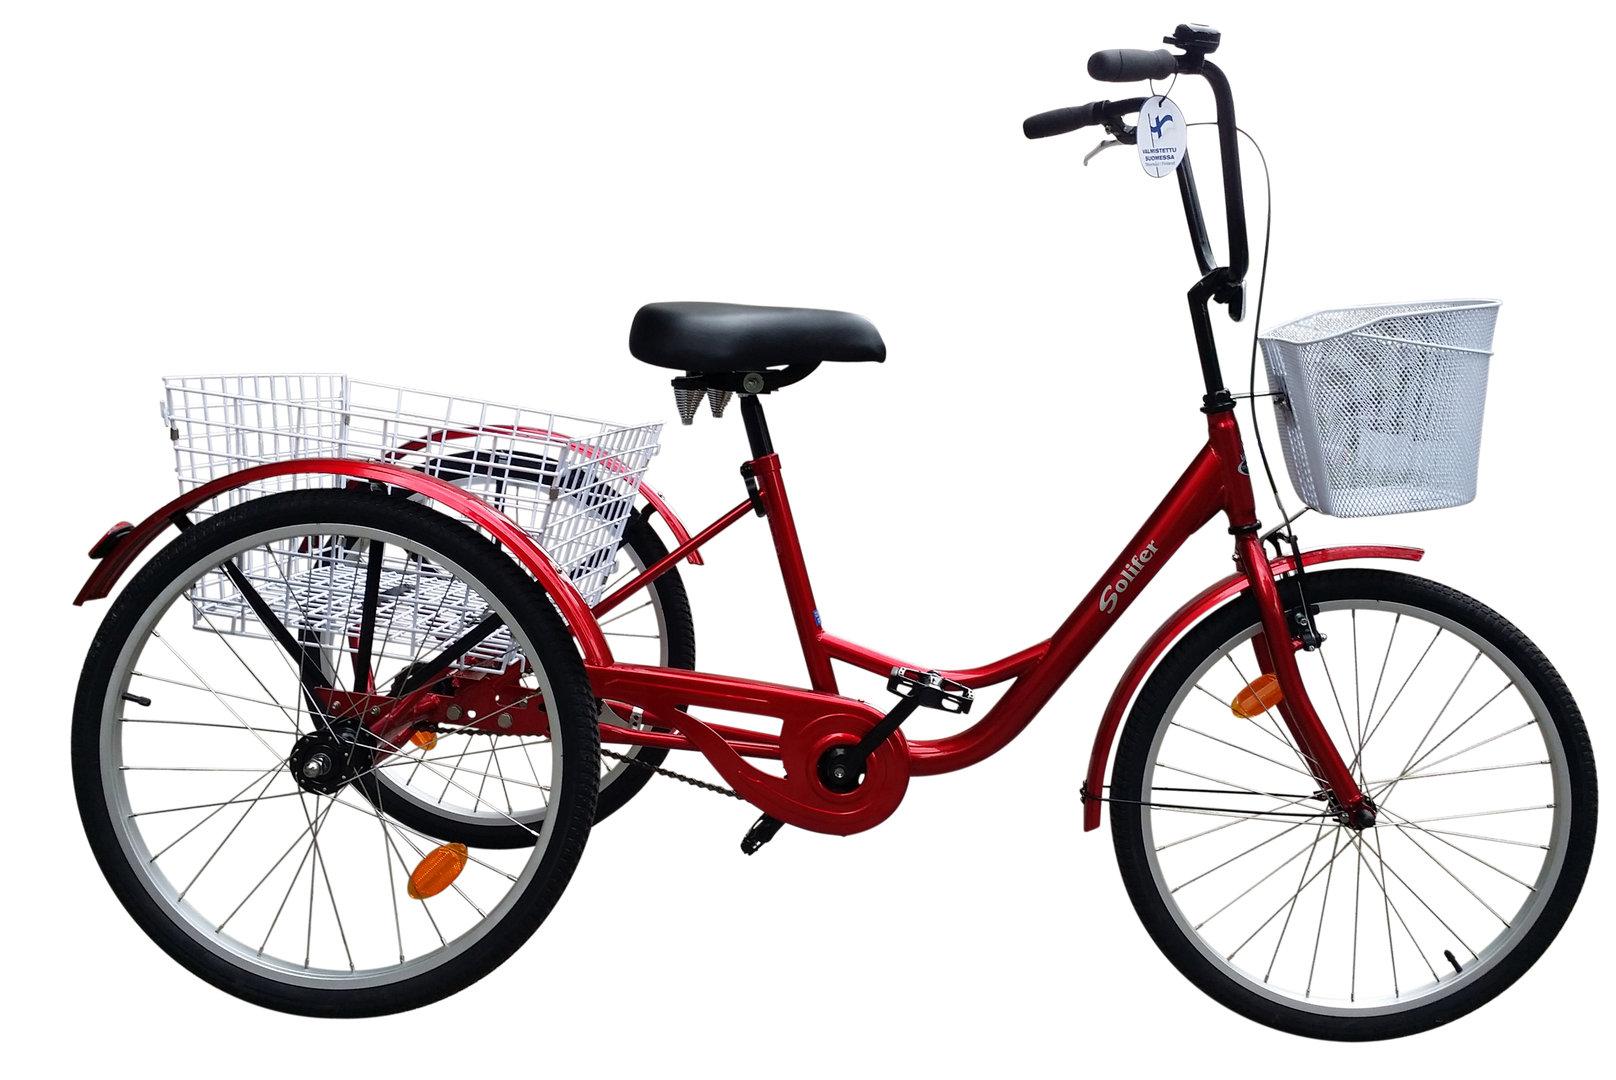 Aikuisten kolmipyörä käytetty